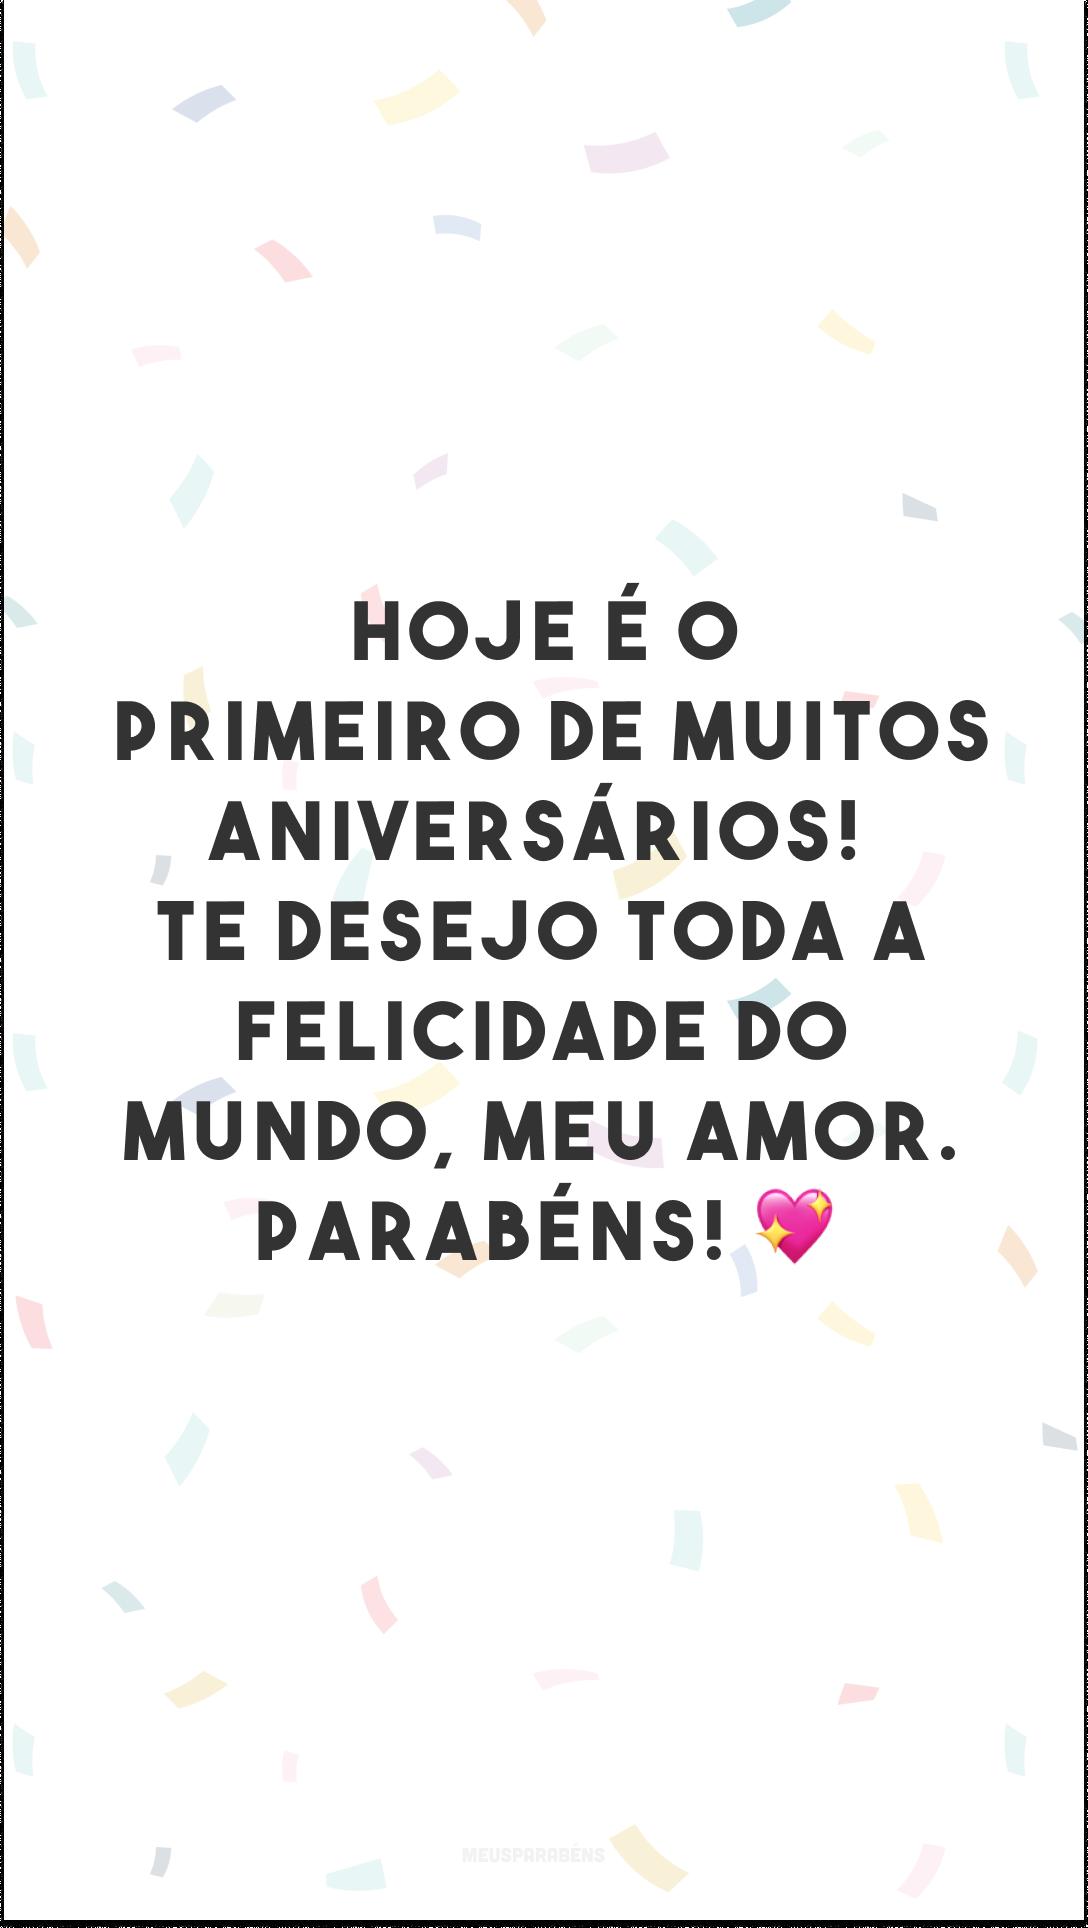 Hoje é o primeiro de muitos aniversários! Te desejo toda a felicidade do mundo, meu amor. 💖 Parabéns!